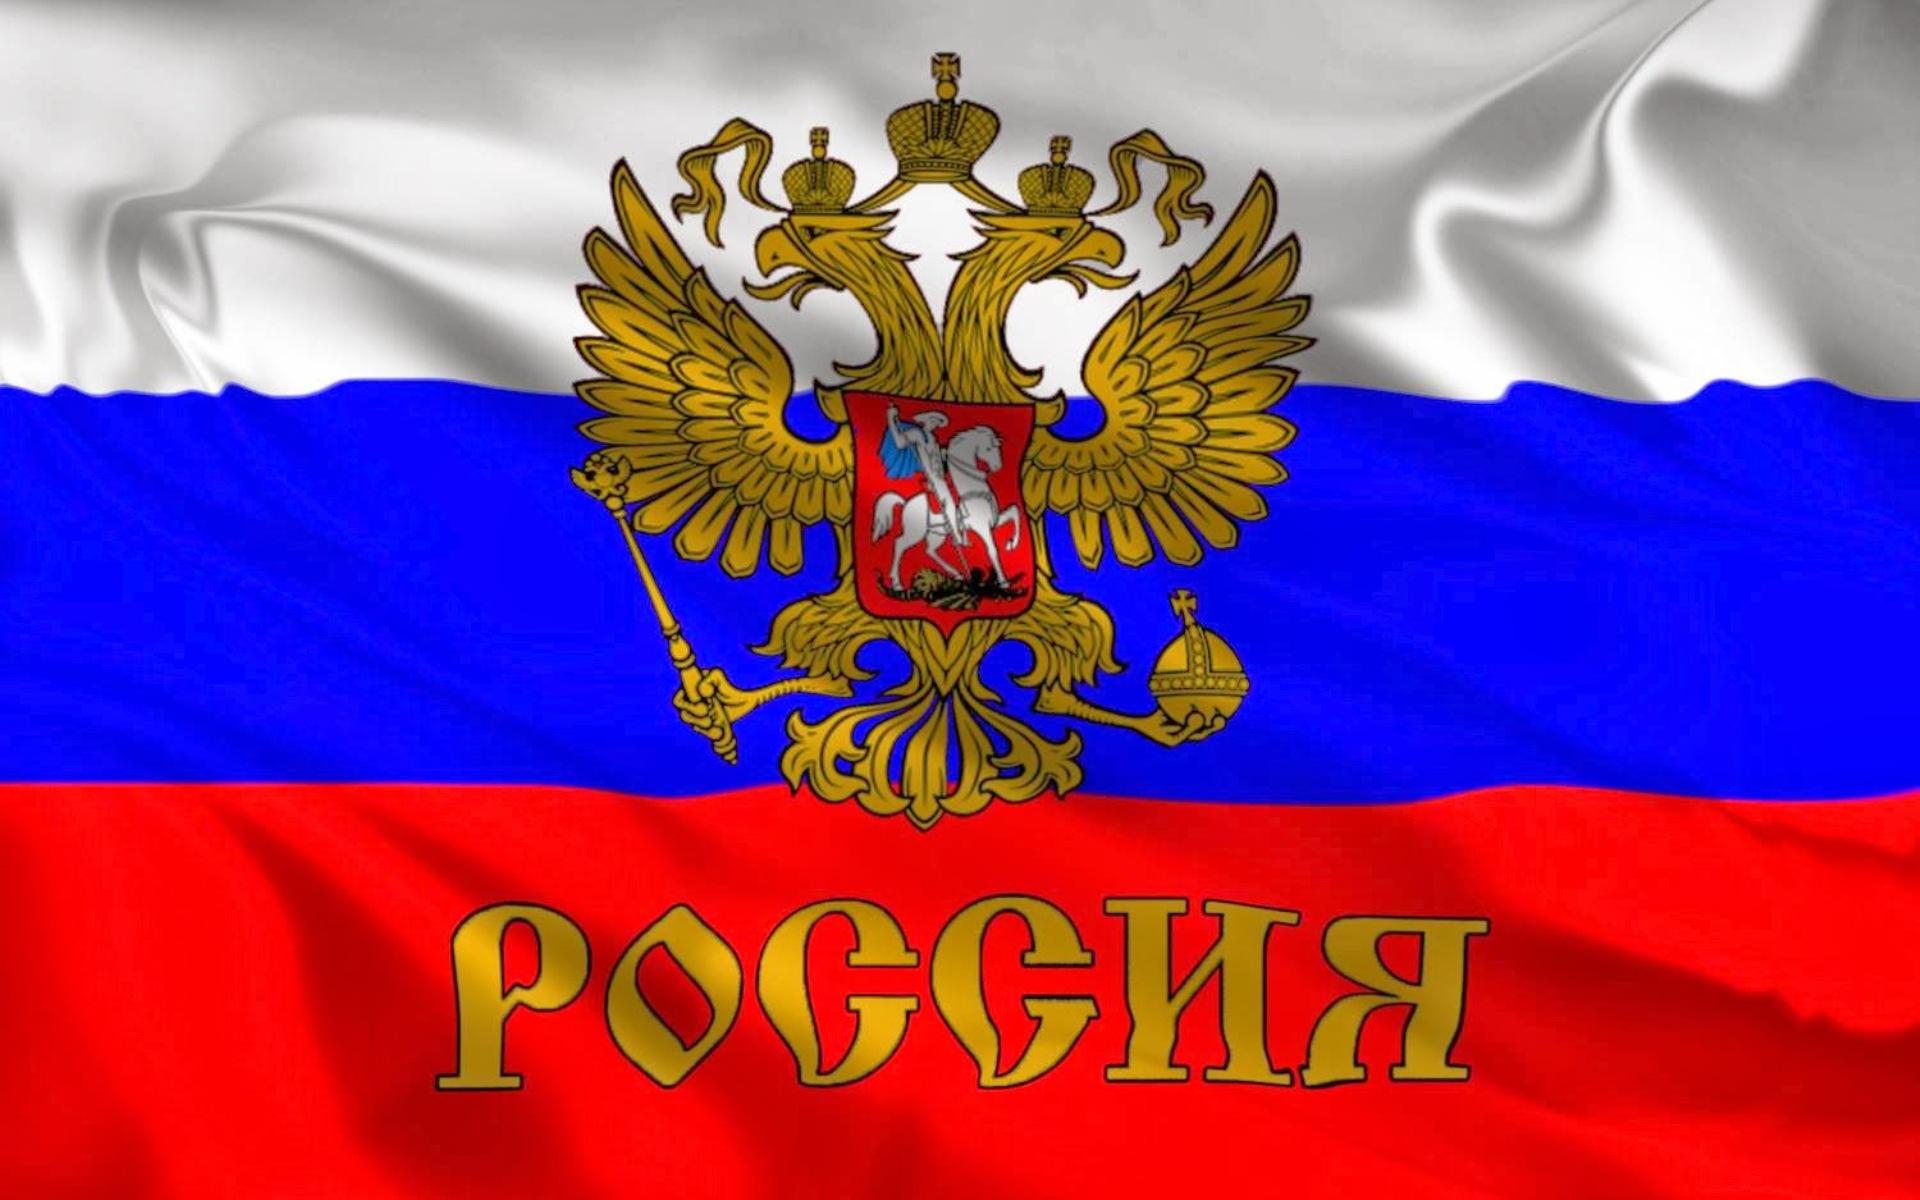 Картинка флаг и герб россии